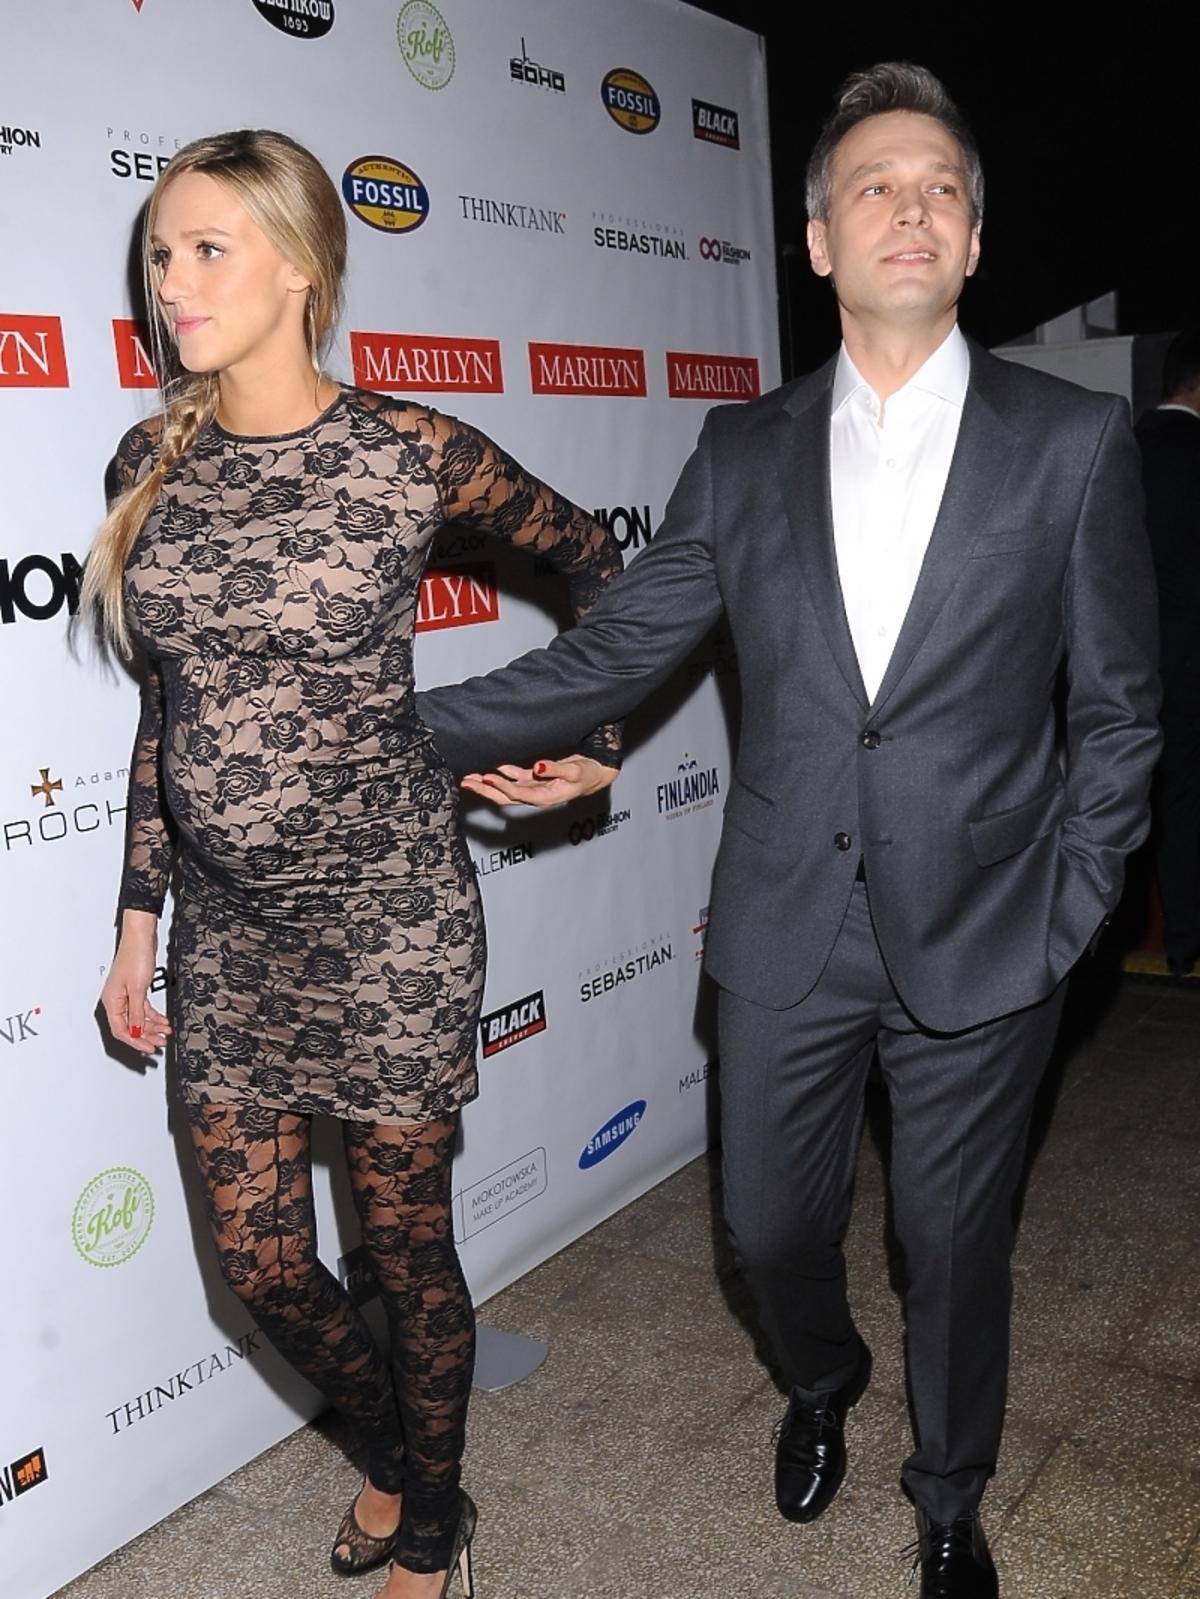 Aleksandra Żebrowska i Michał Żebrowski na gali Fashion Magazine 2013. W którym miesiącu ciąży jest Aleksandra Żebrowska